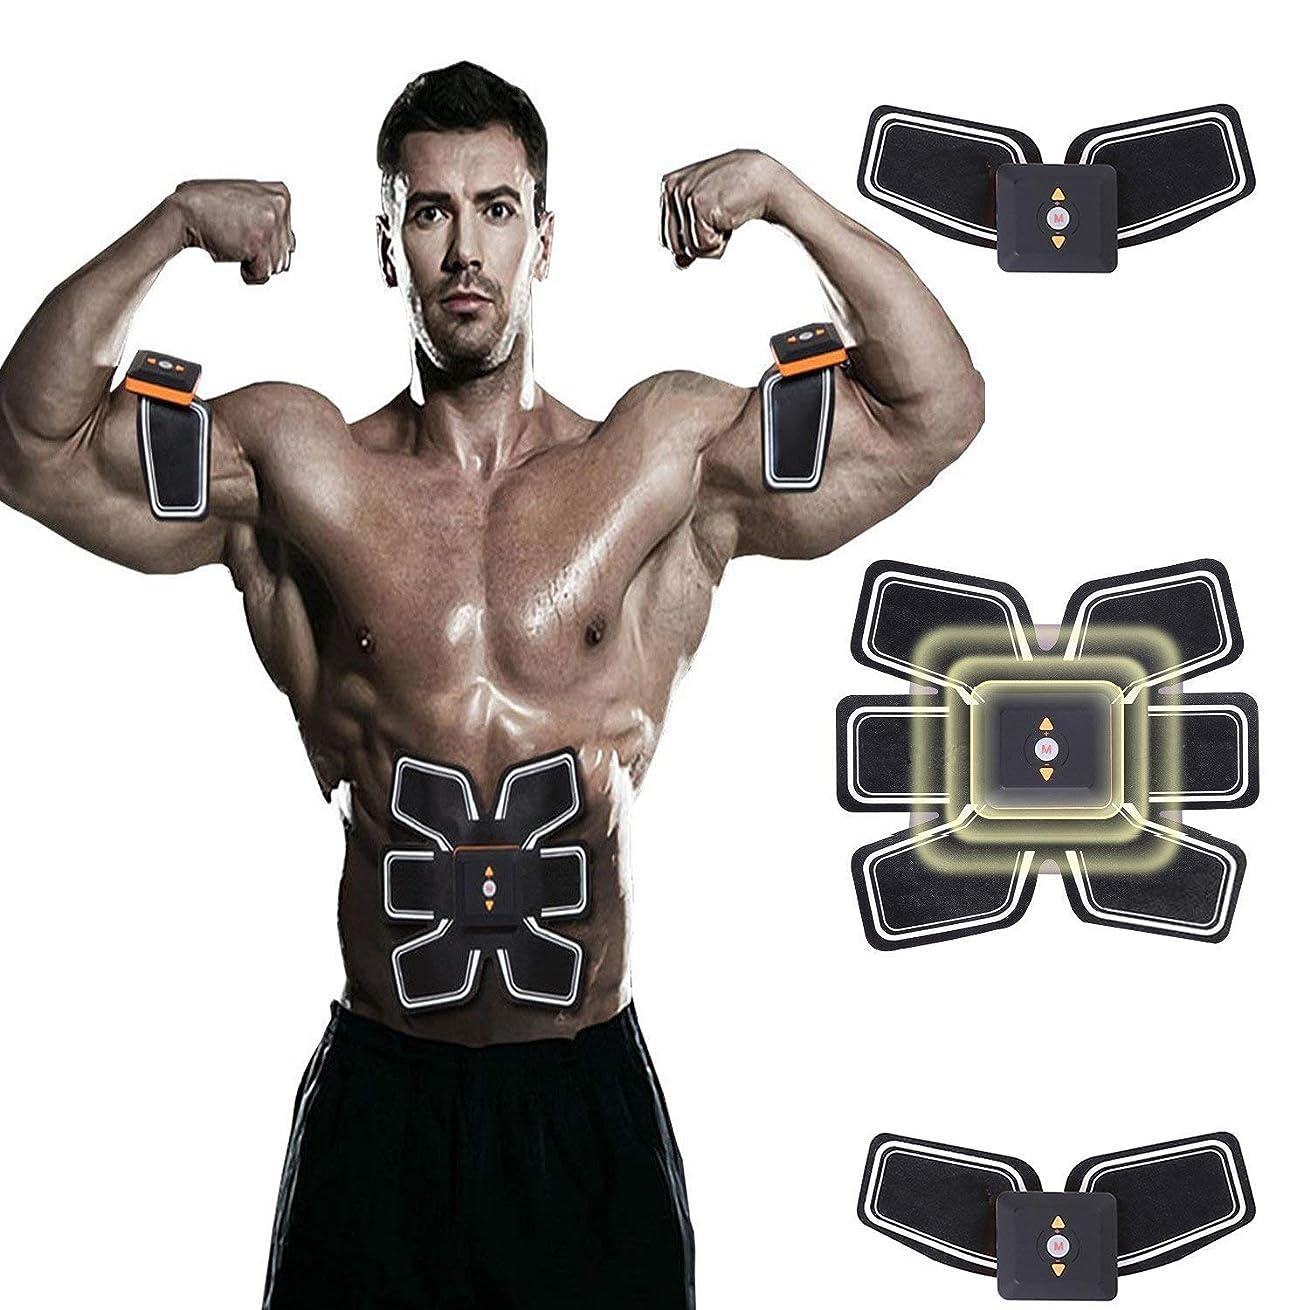 動機付ける不要乱闘GWM トレーニングマッサージ筋肉トレーニングベルトトレーナーウエストトレーナーウエストトリミングベルトEMSトレーニング機器、スマートホームオフィスフィットネス機器ユニセックス(320 * 260 * 50mm)